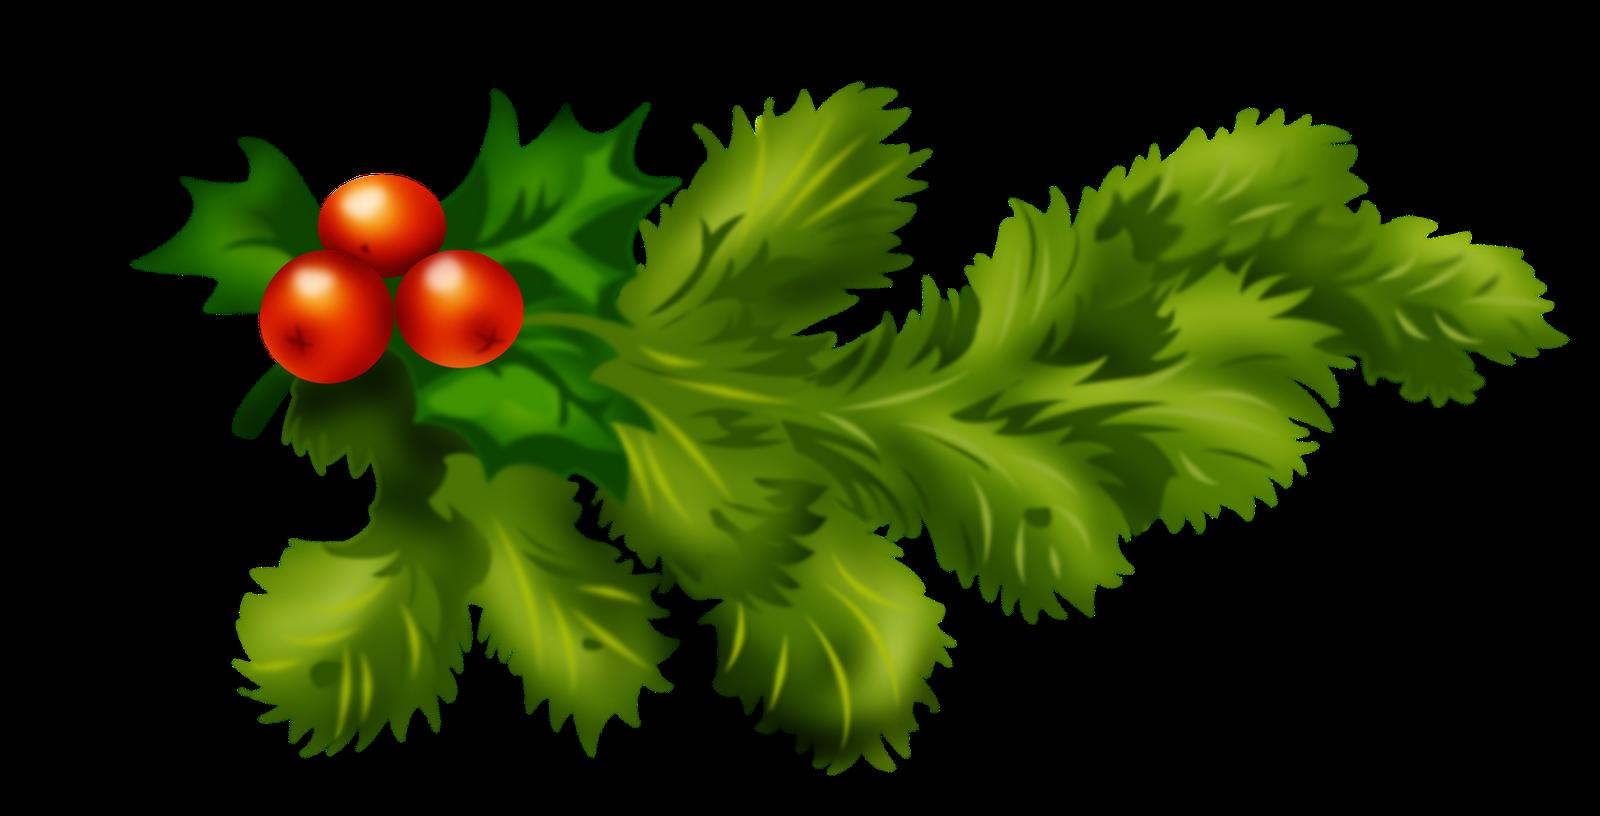 Adornos luces y campanas de navidad png pictures - Campanas de navidad ...